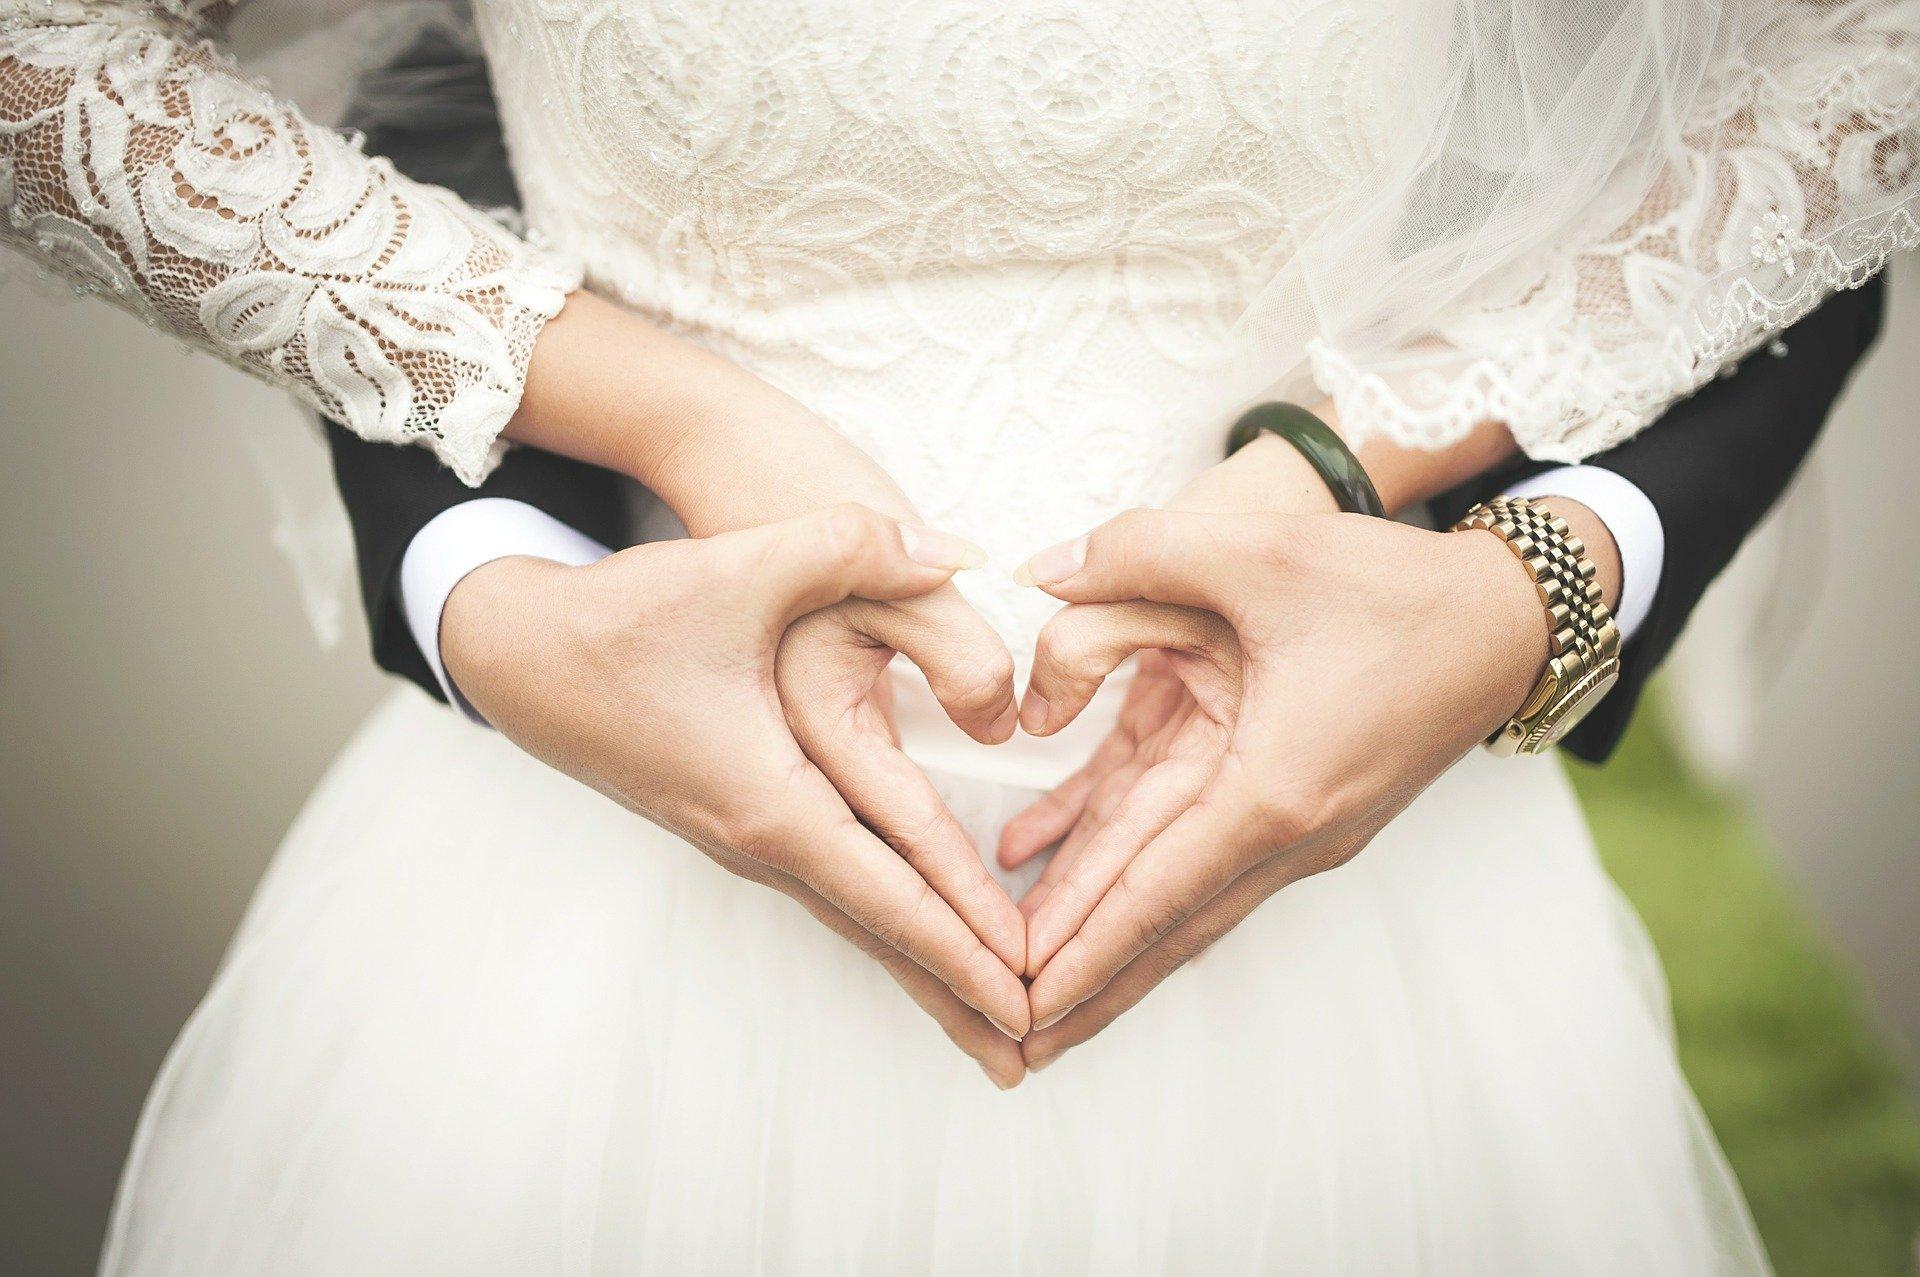 Кемеровостат рассказал, как кузбассовцы относятся к браку